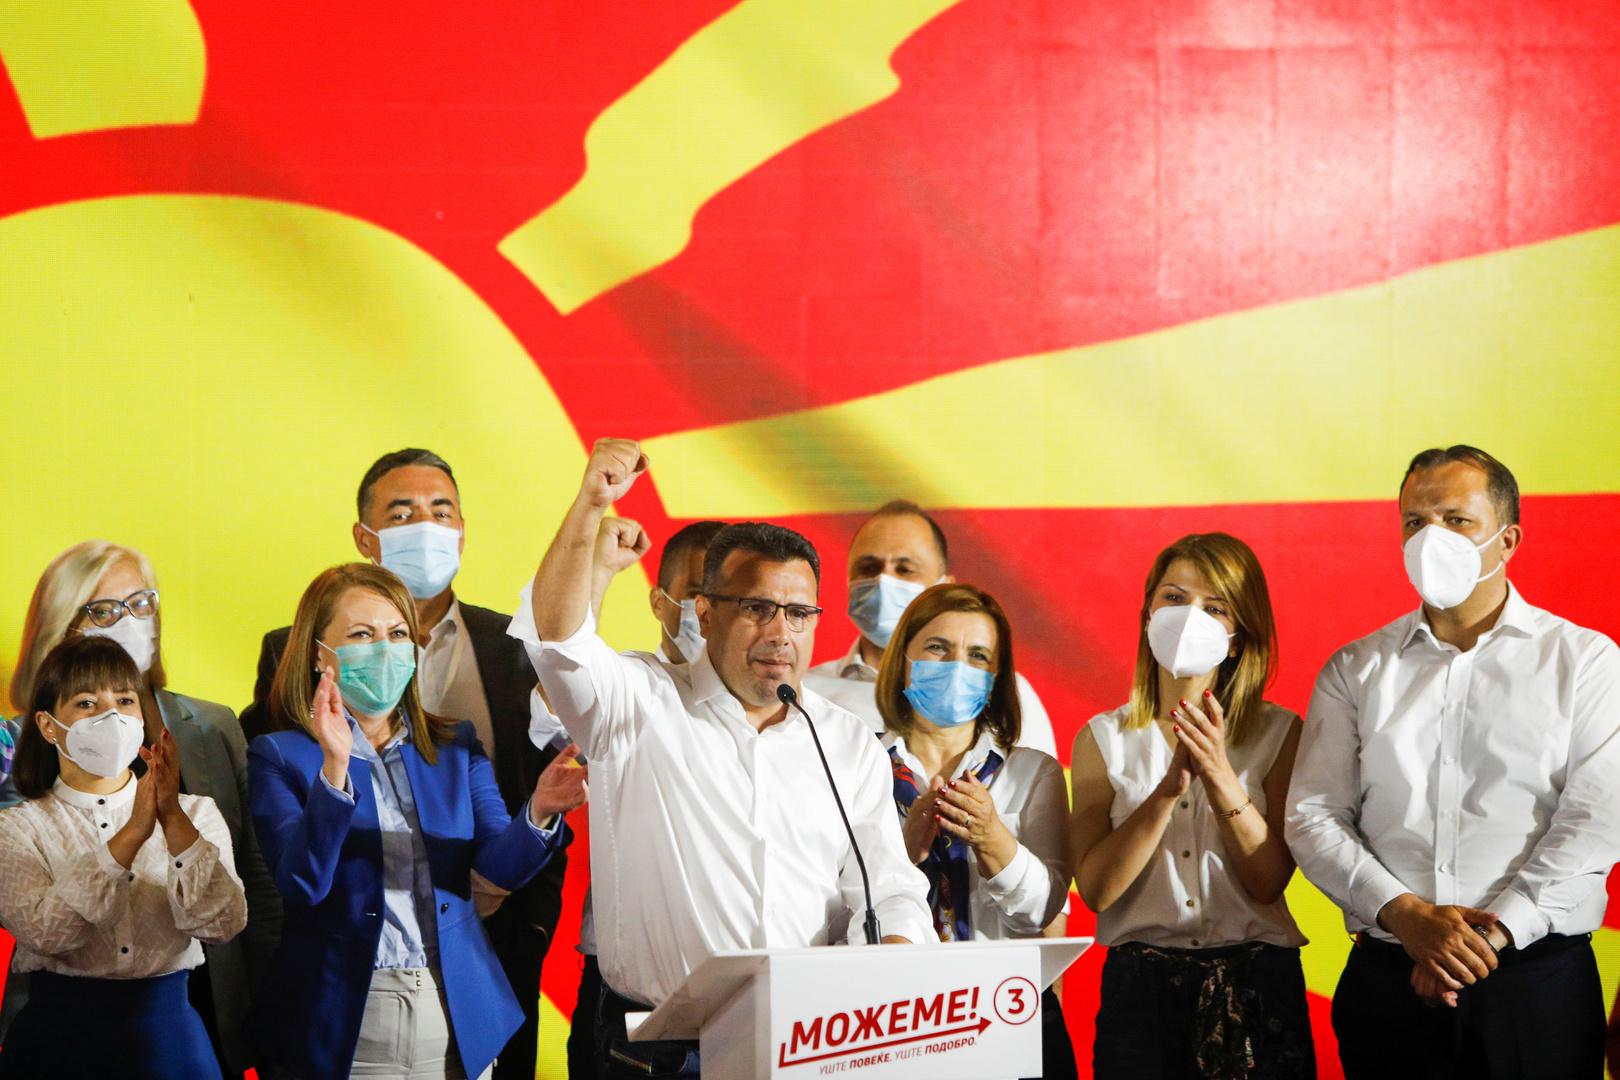 مقدونيا الشمالية.. مؤيدو الانضمام إلى الاتحاد الأوروبي يتقدمون في الانتخابات